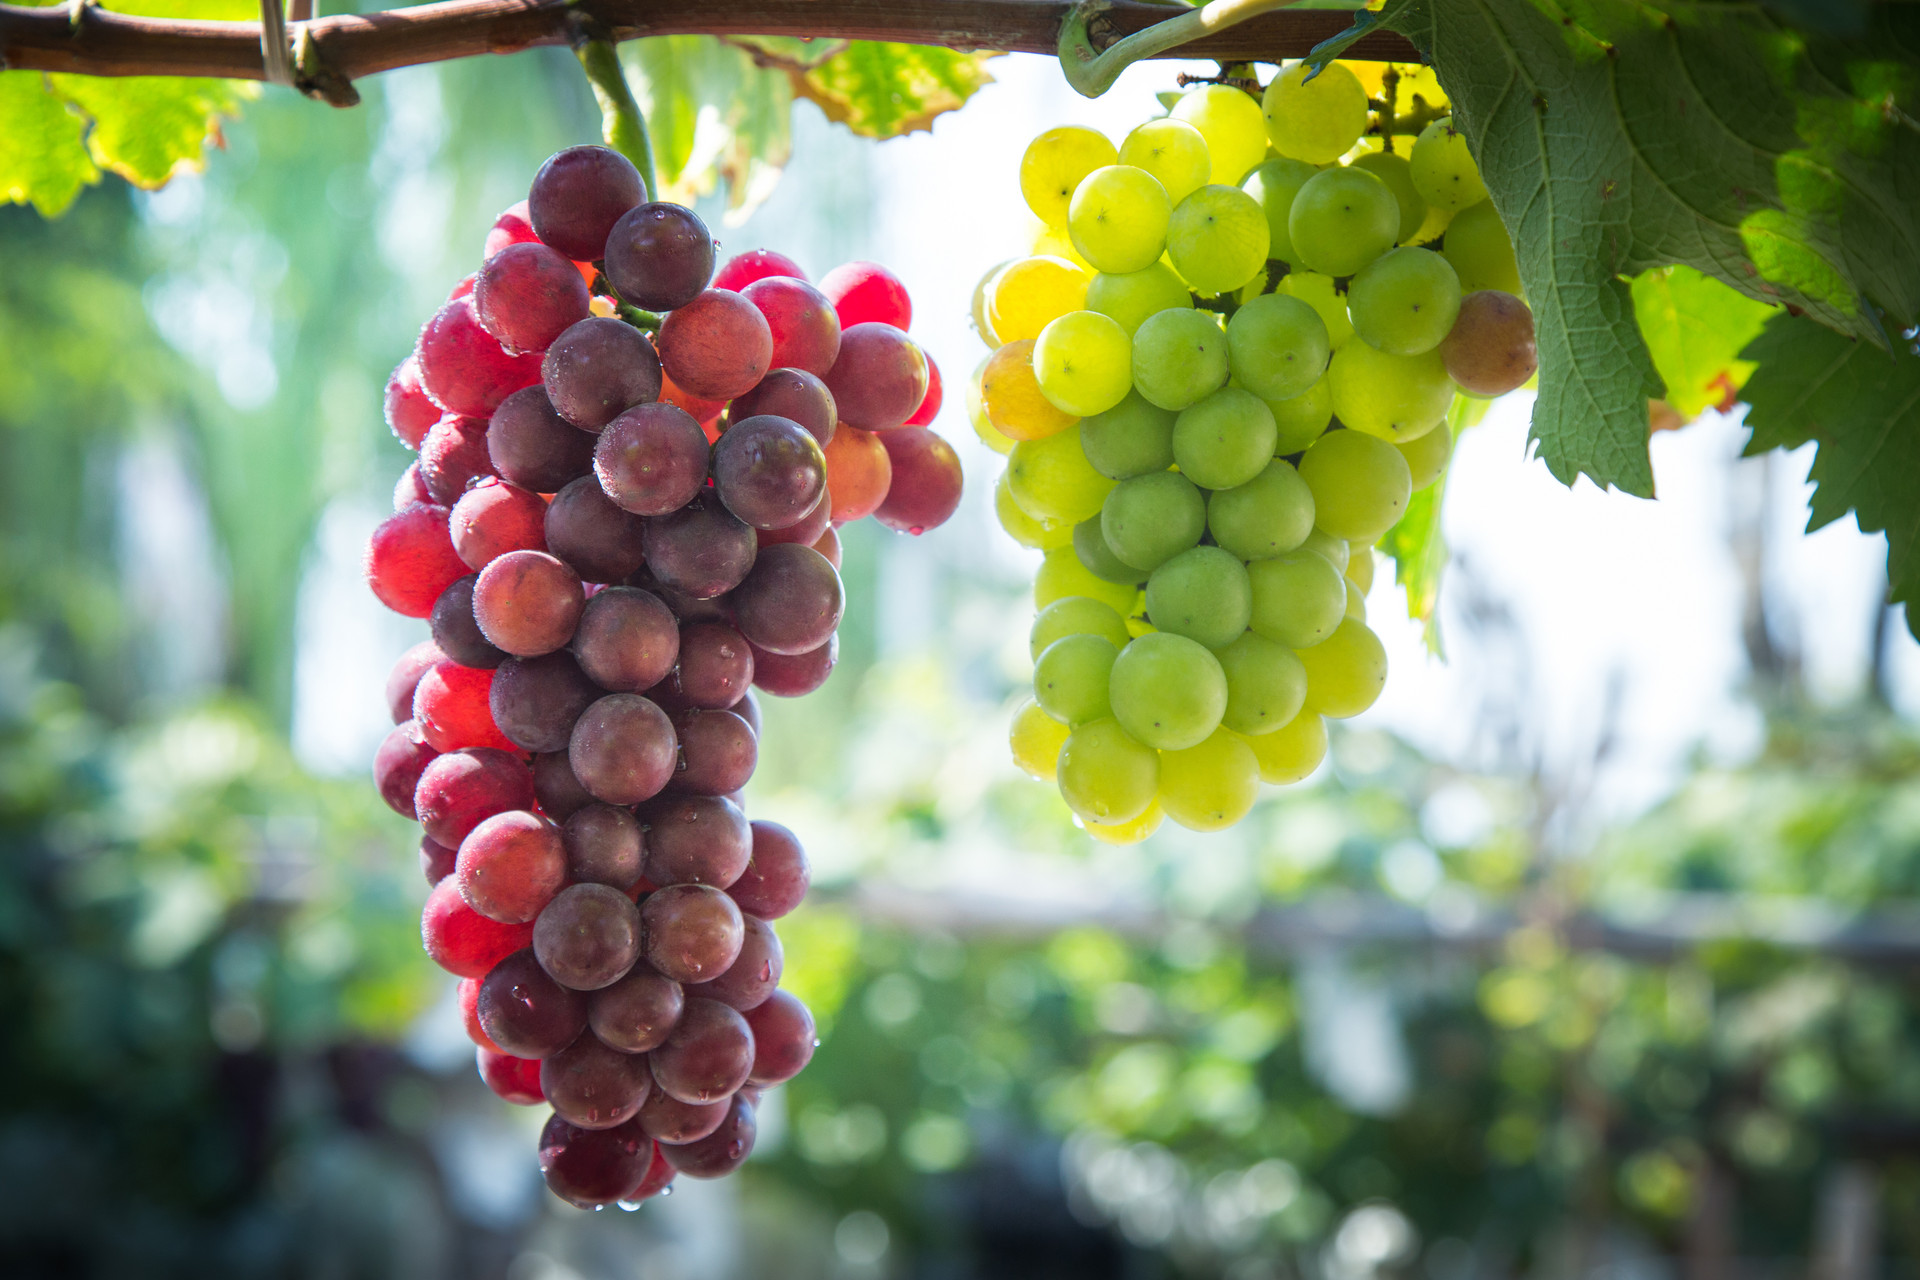 水果怎么吃才好?掌握3个常识,让你吃的营养又放心